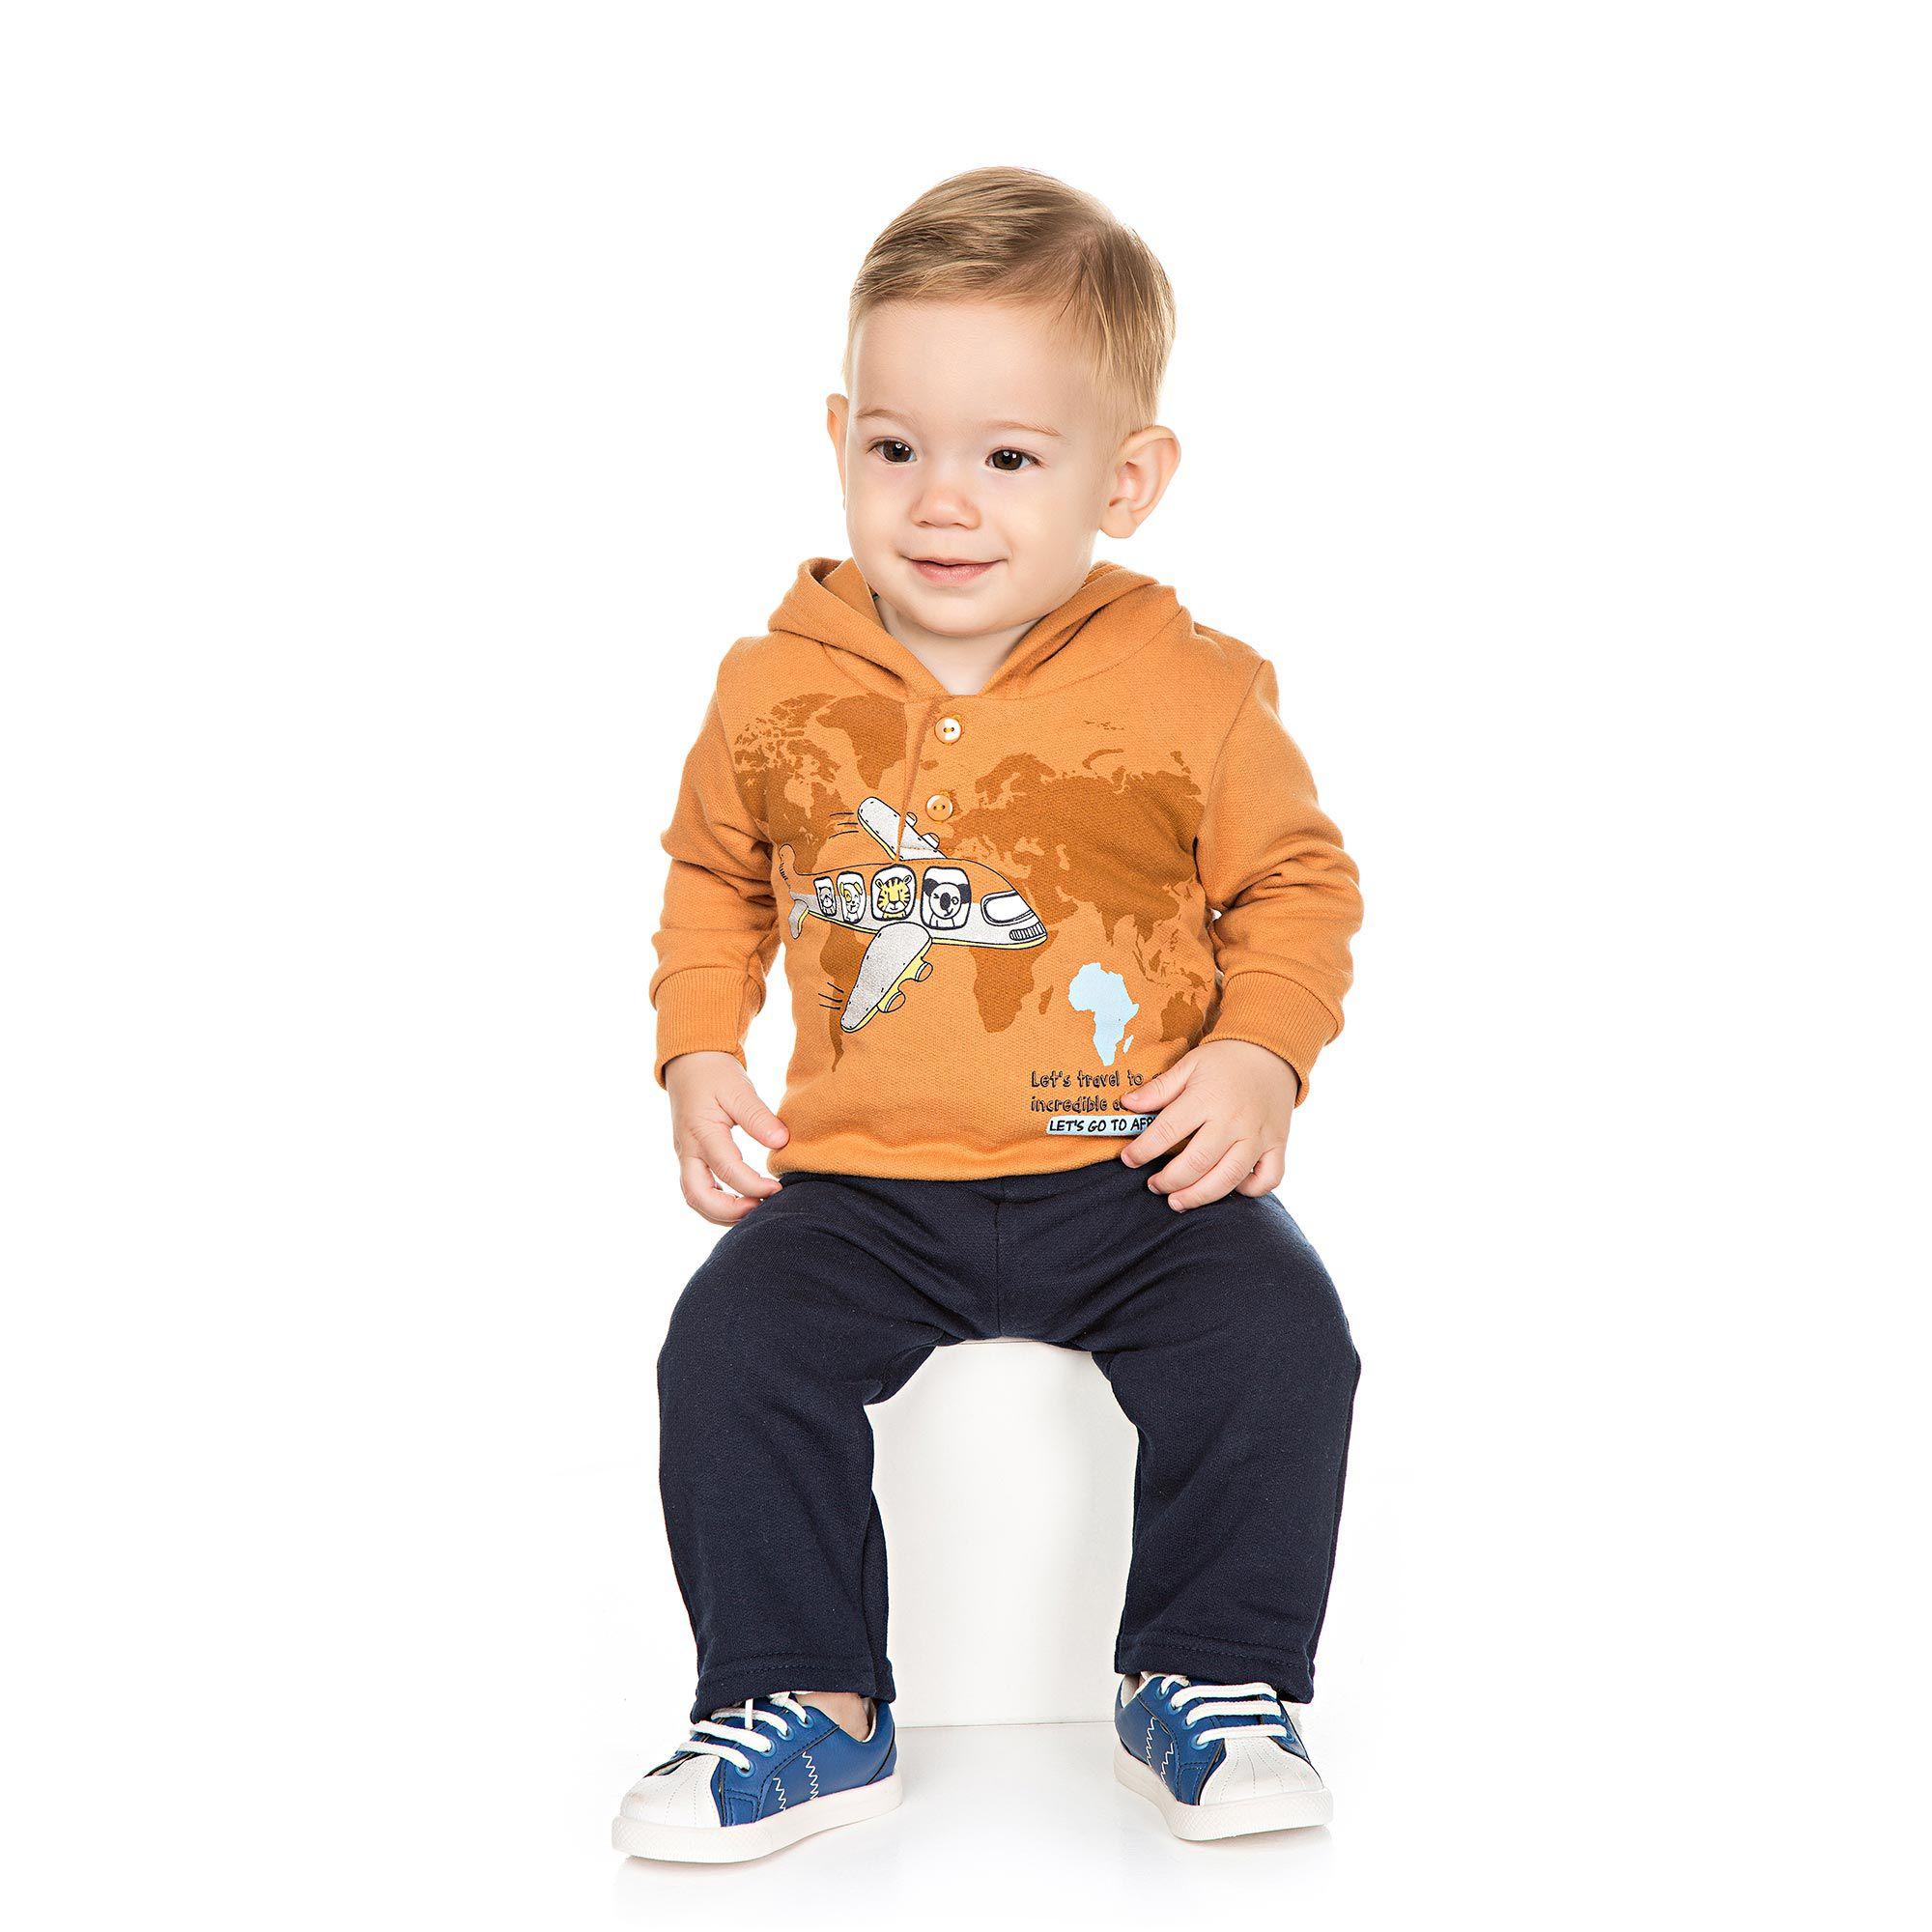 Conjunto Infantil de Moletom para Bebê 2 peças - Ref 4945 - Amêndoa/Marinho